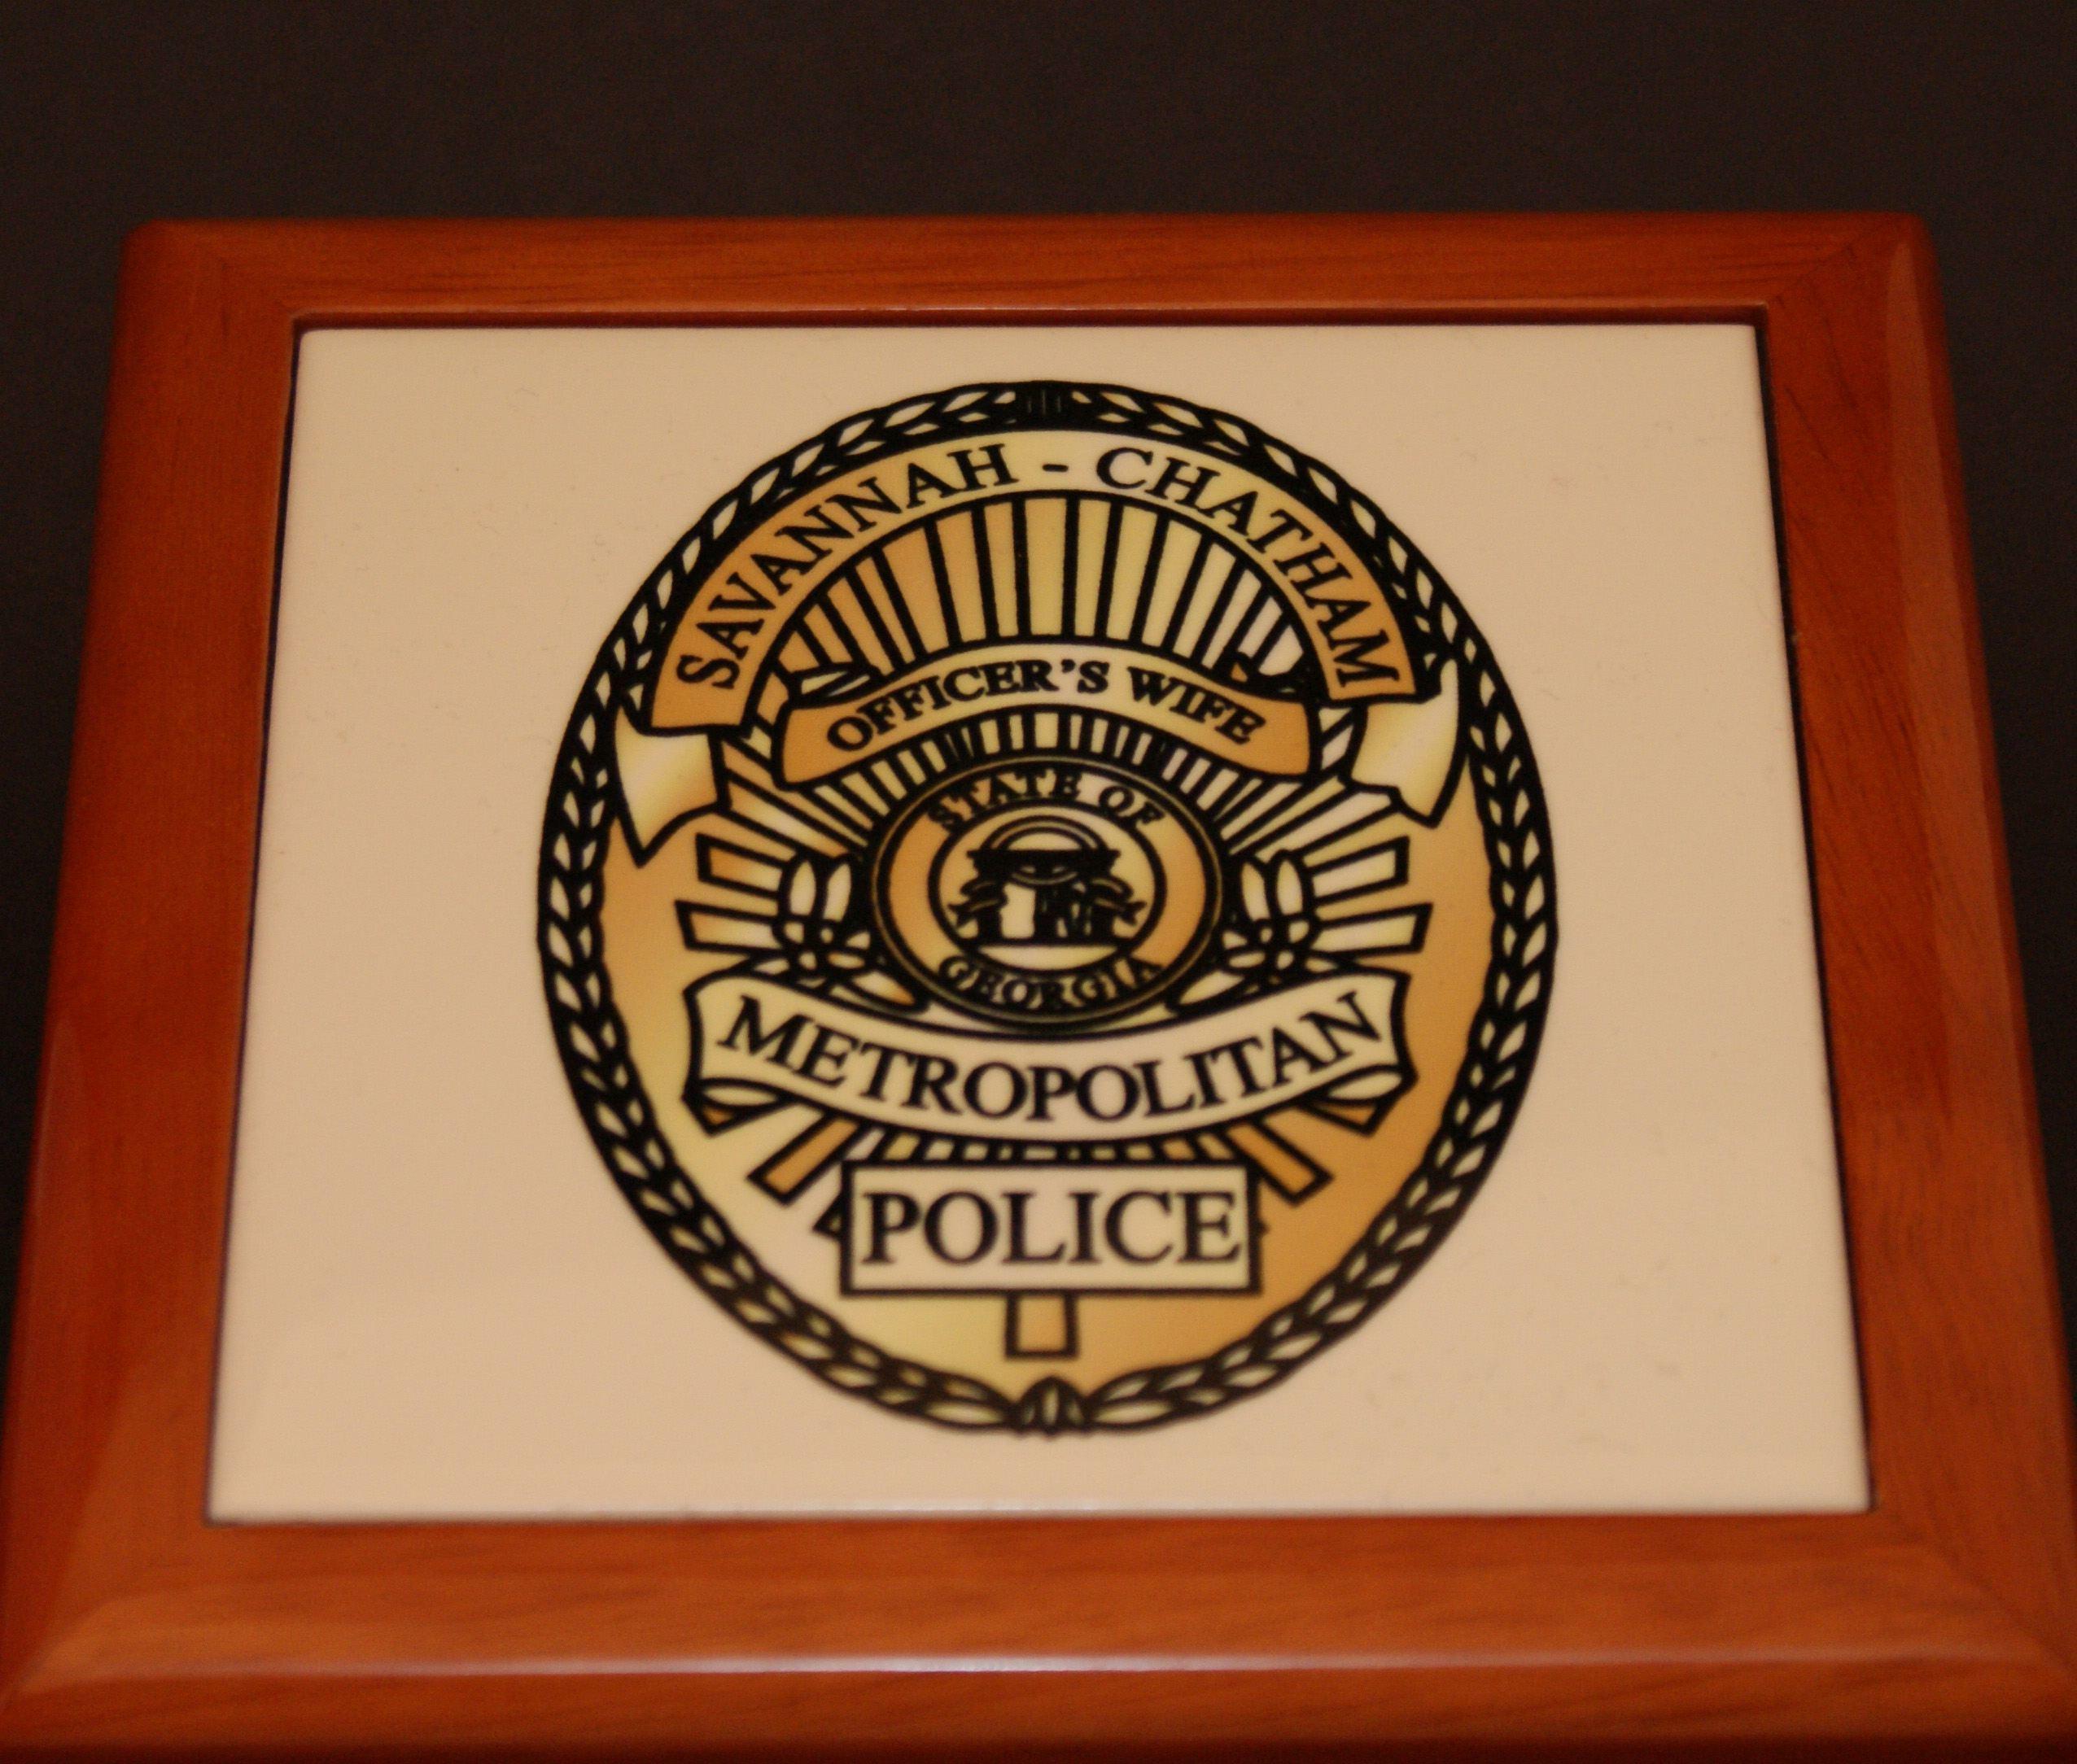 Savannah Chatham County Police Box 1